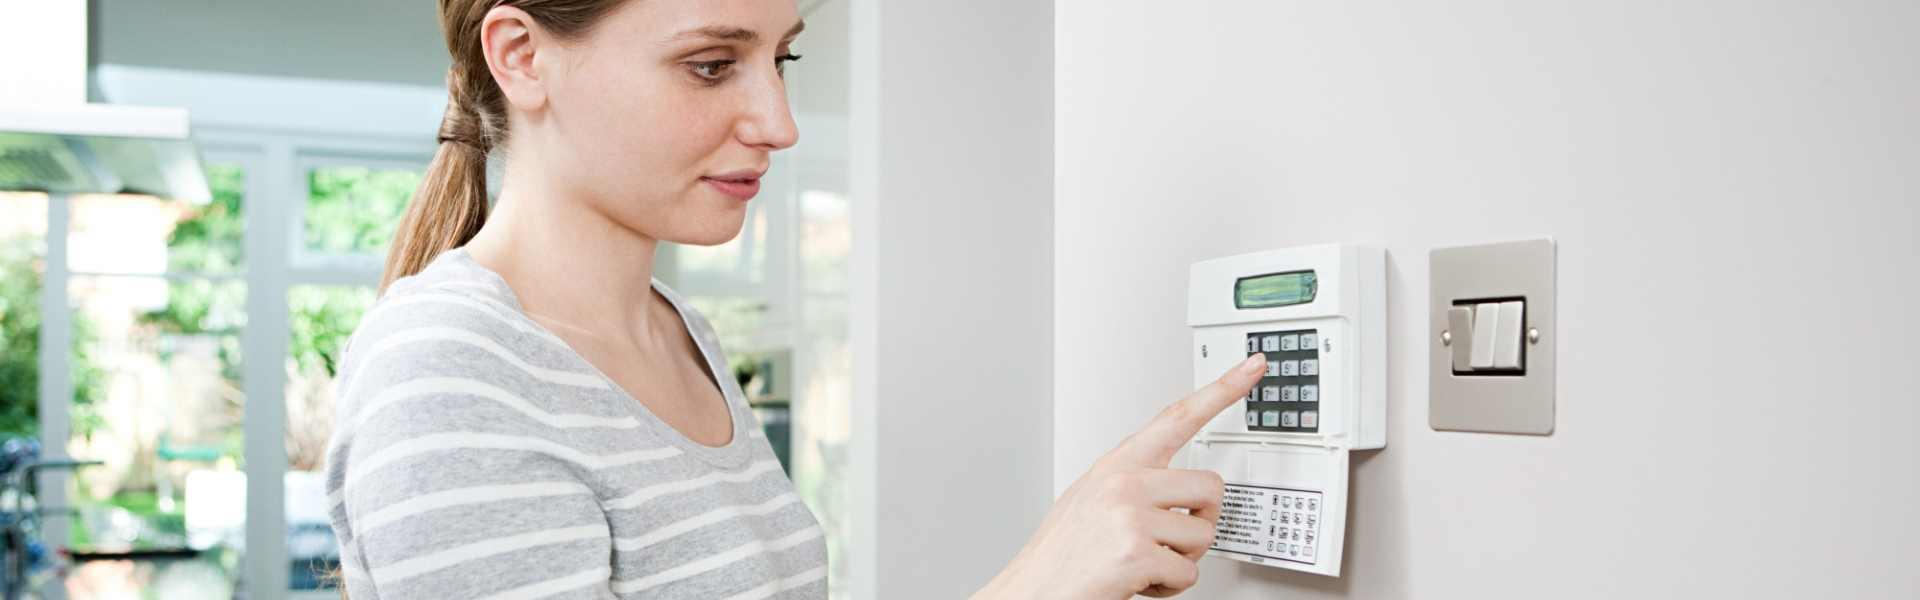 systemy alarmowe radzyń podlaski woman